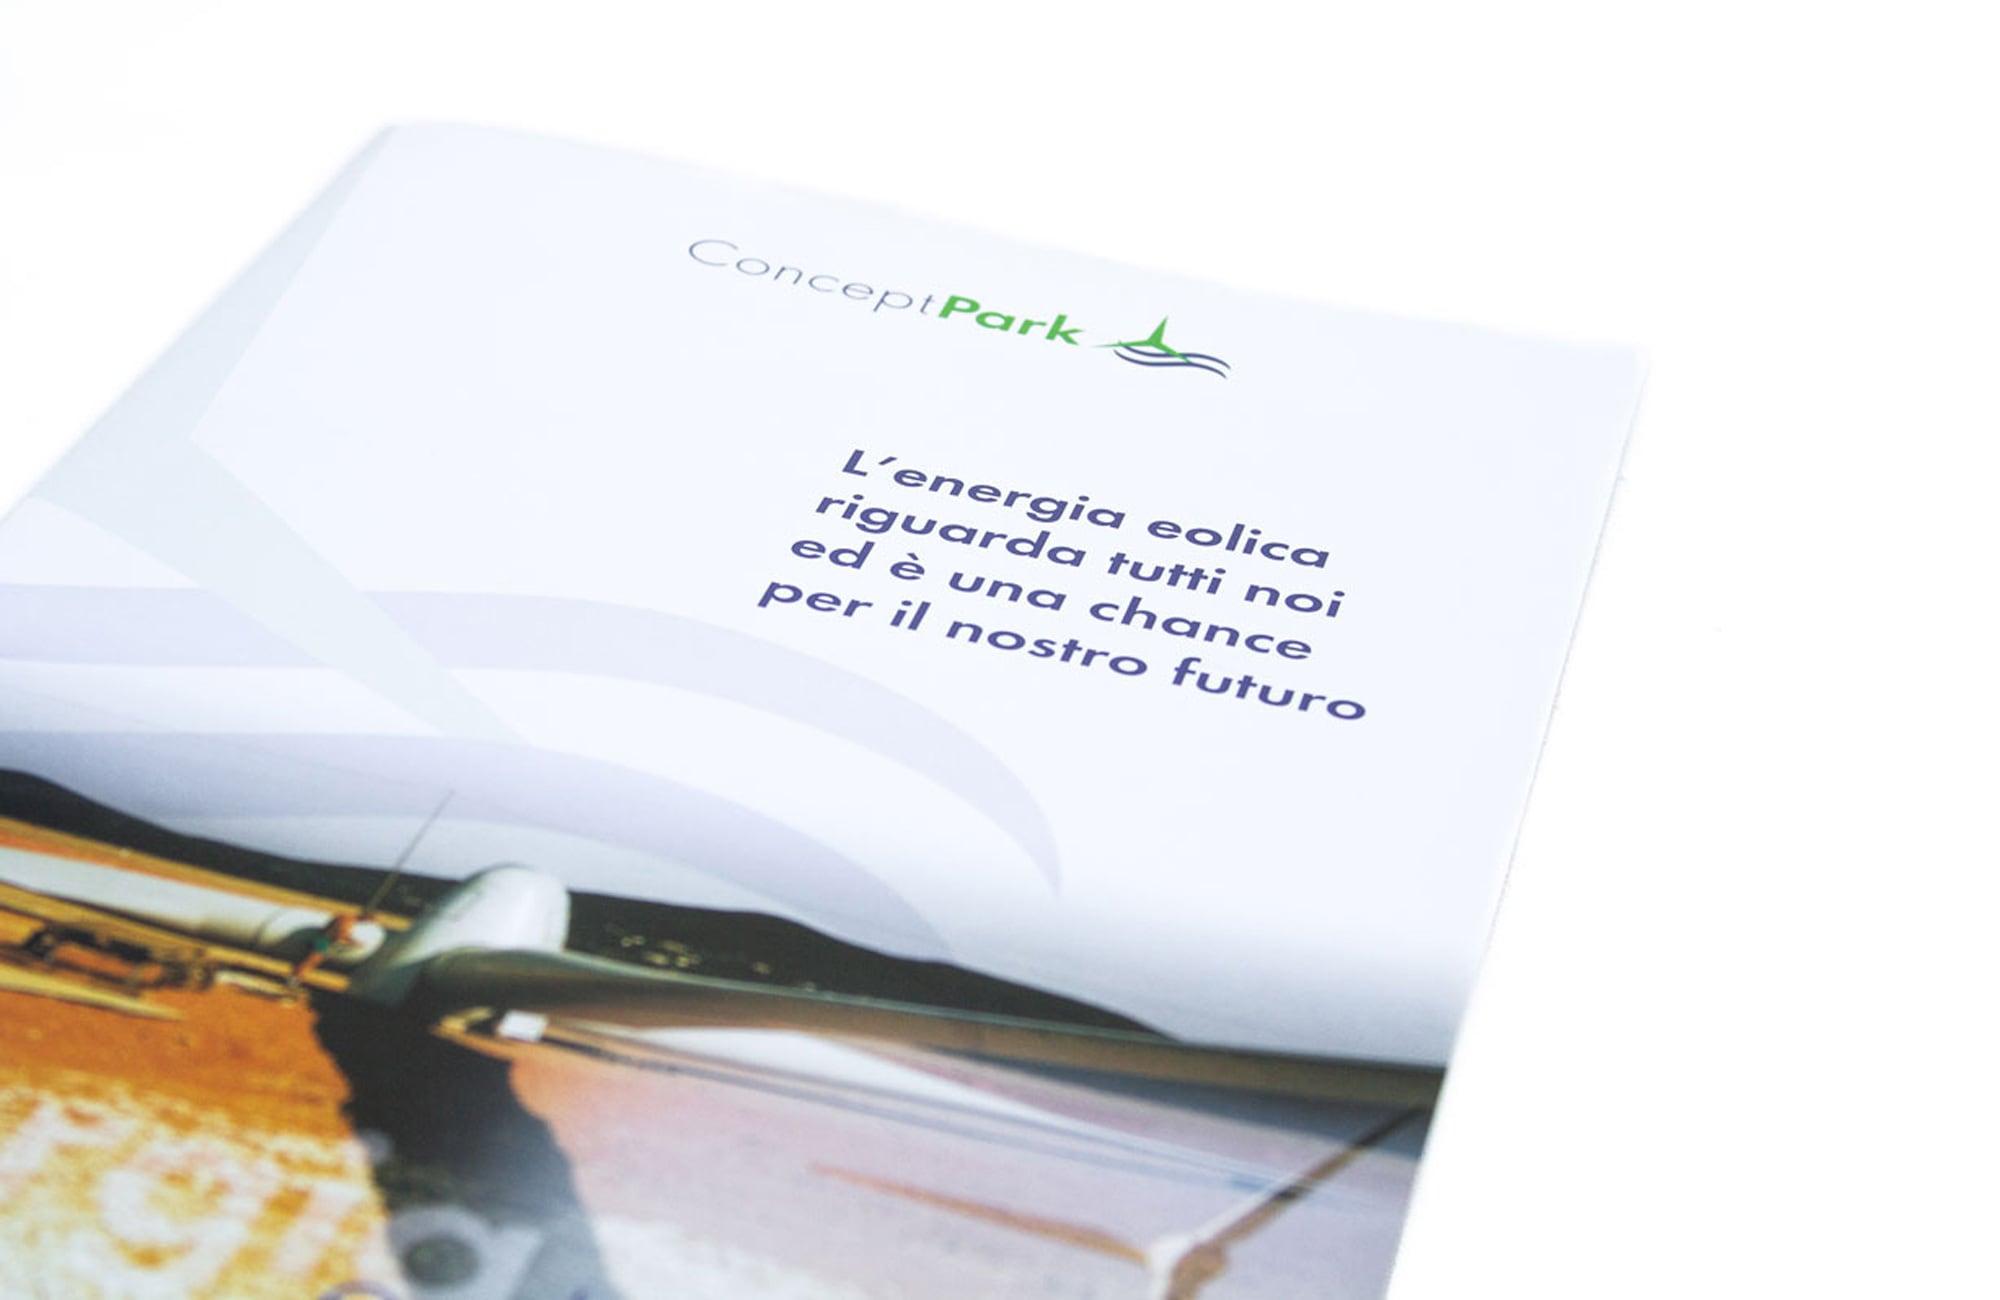 Image-Broschüre nach Corporate Design-Gesichtspunkten